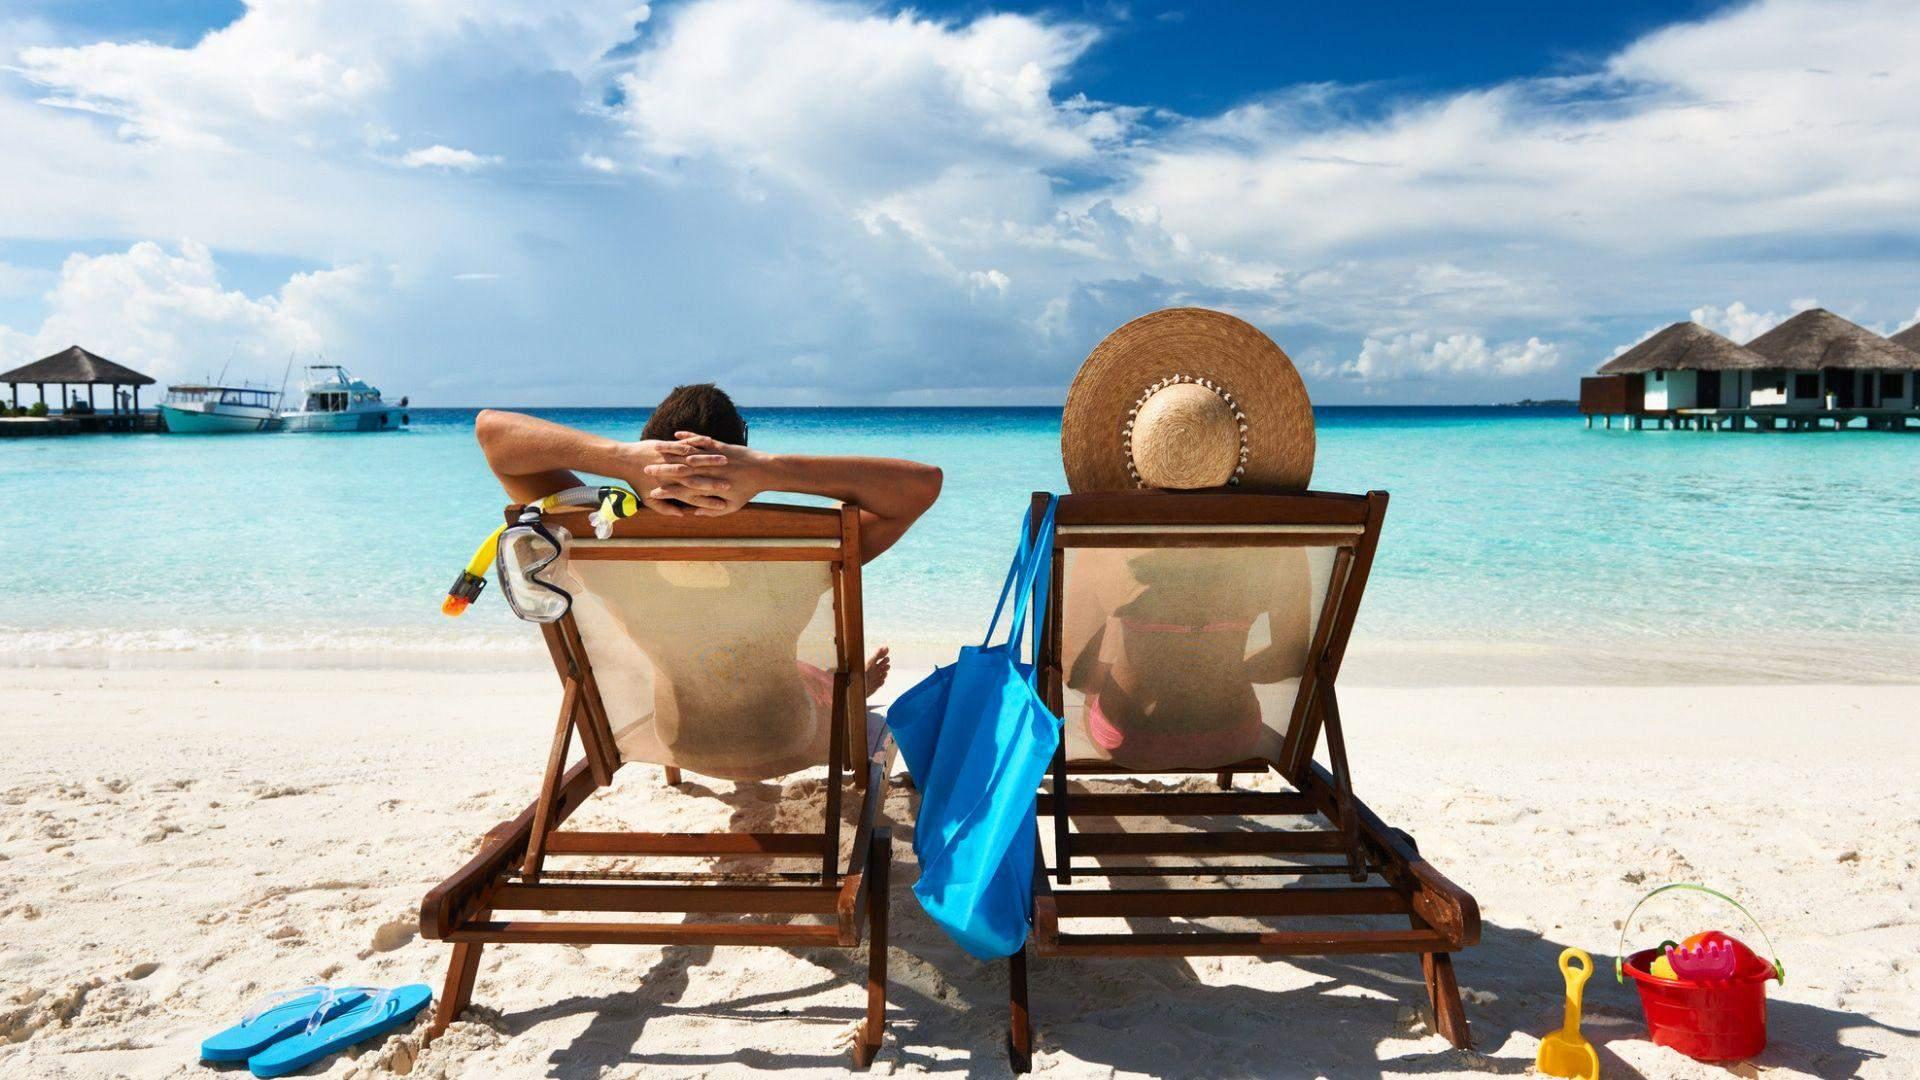 Mėgaukitės poilsiu paplūdimiuose laisvu nuo darbo metu